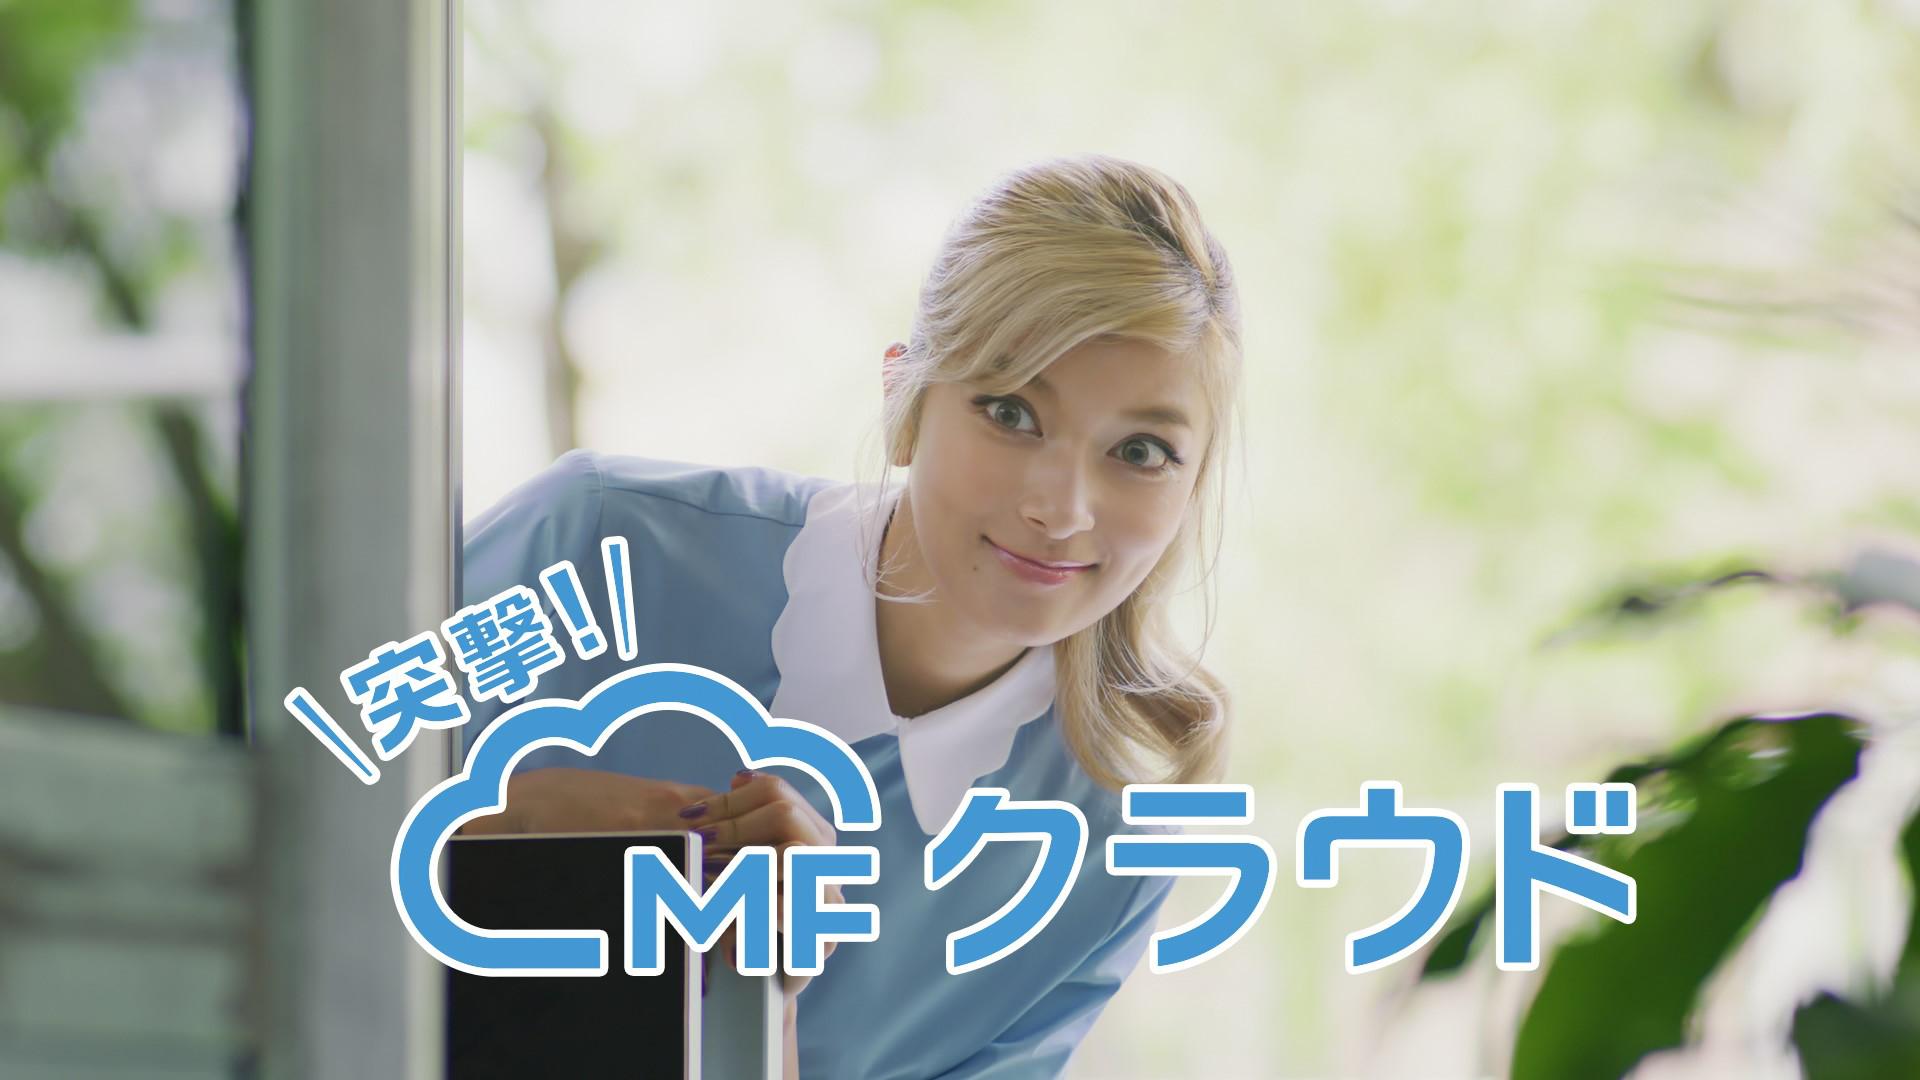 12突撃CMローラ